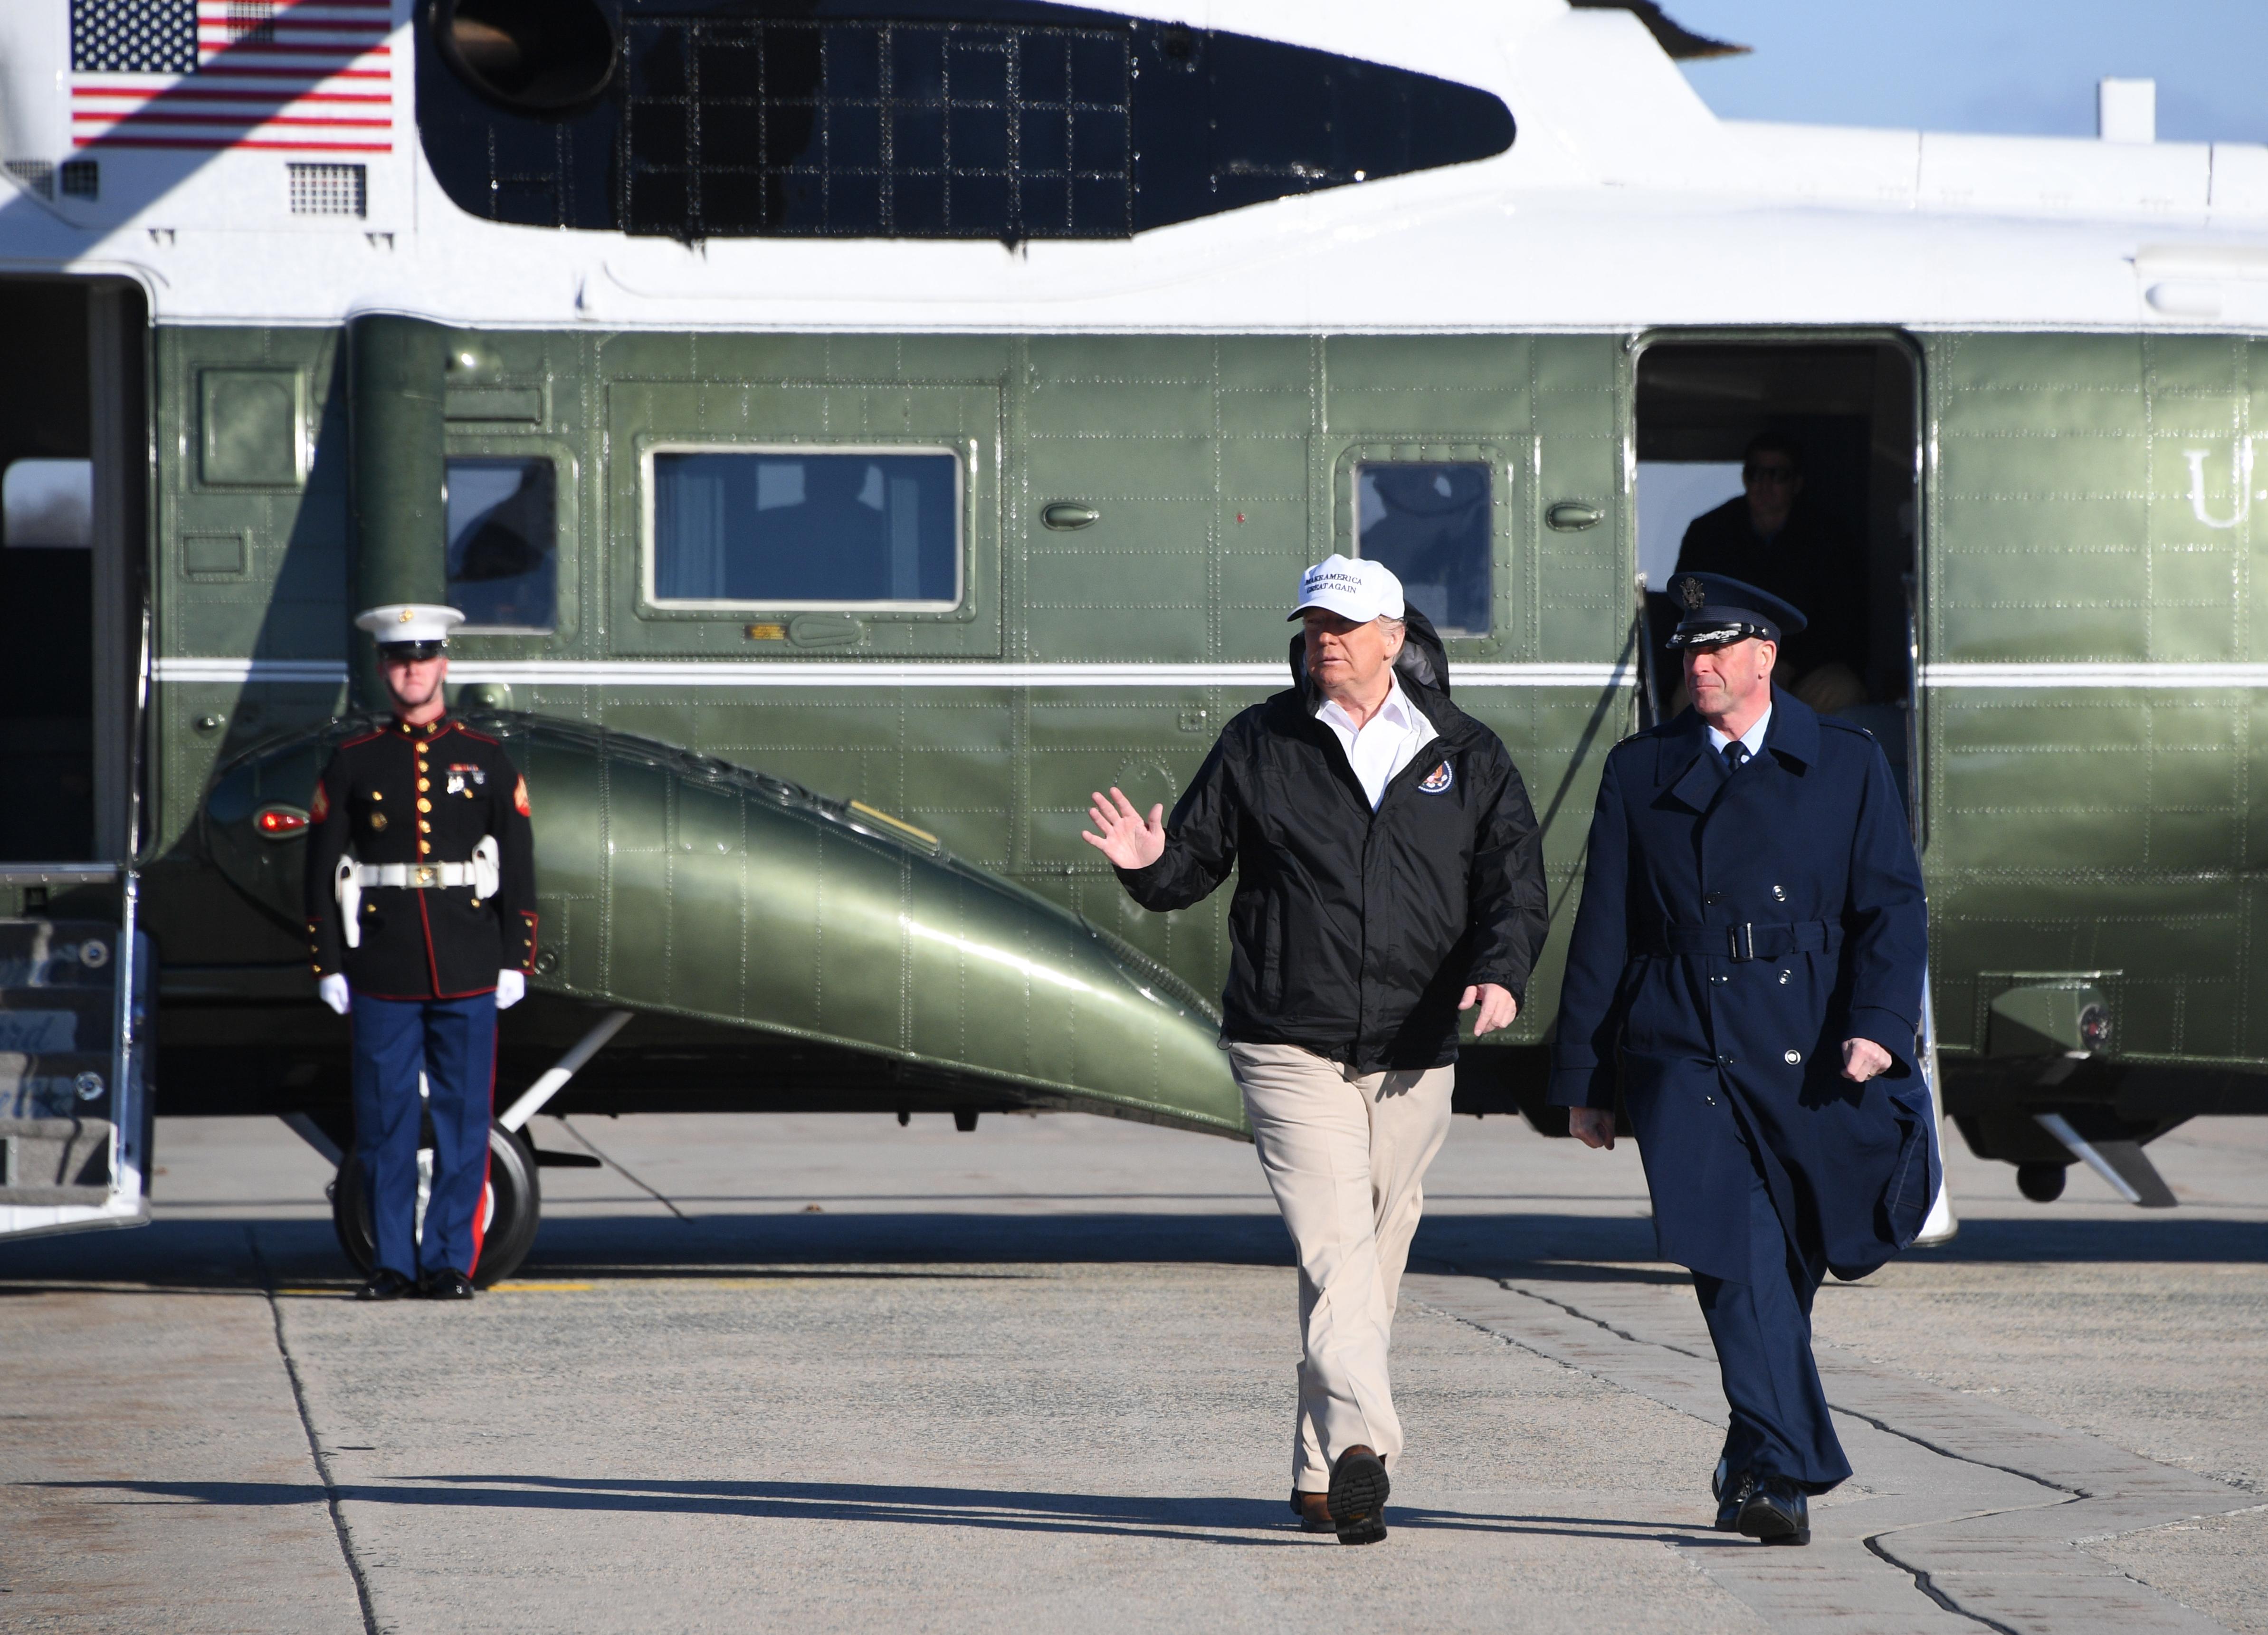 周四,特朗普在前往美墨邊境視察前,離開白宮時表示:「我們正在與中國進行談判,並取得巨大成功。」(Jim WATSON / AFP)